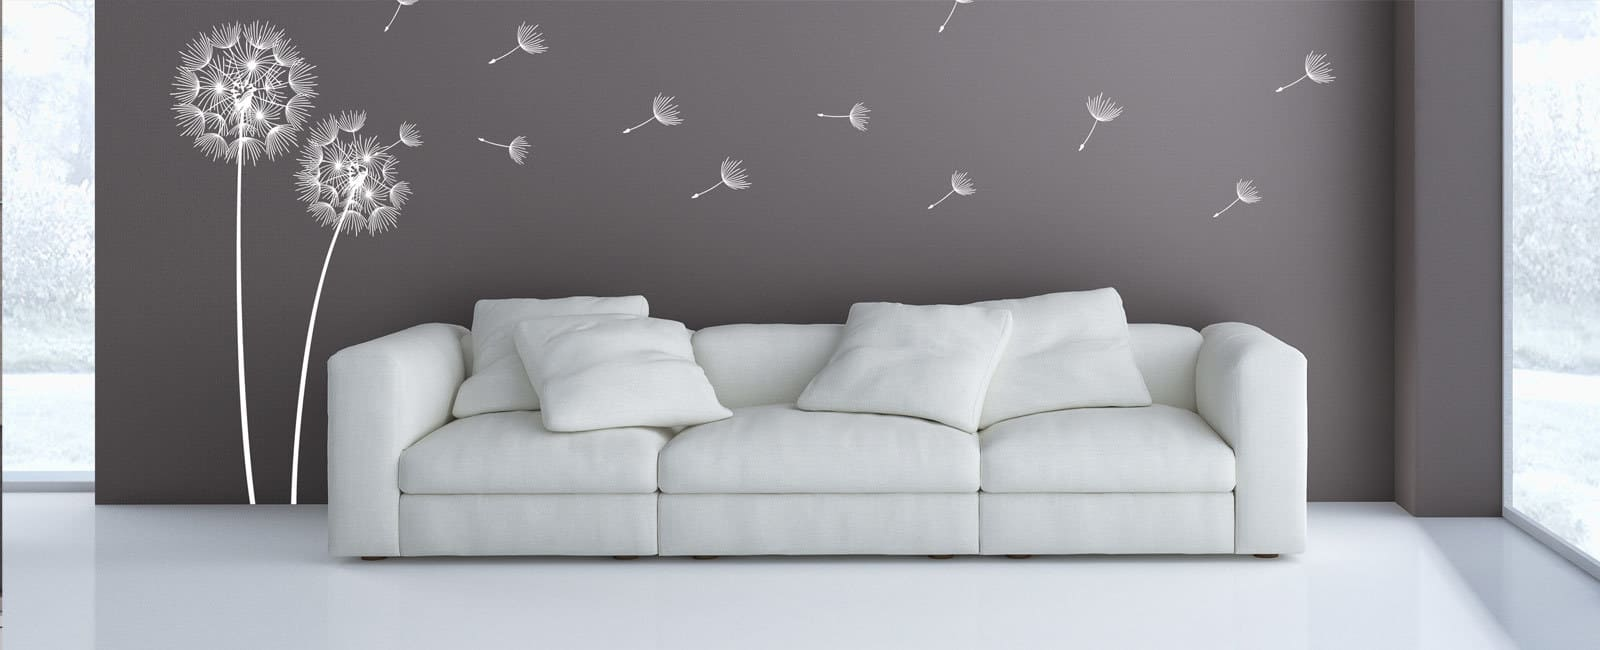 wandtattoos von designscape wandtattoo markenqualit t. Black Bedroom Furniture Sets. Home Design Ideas